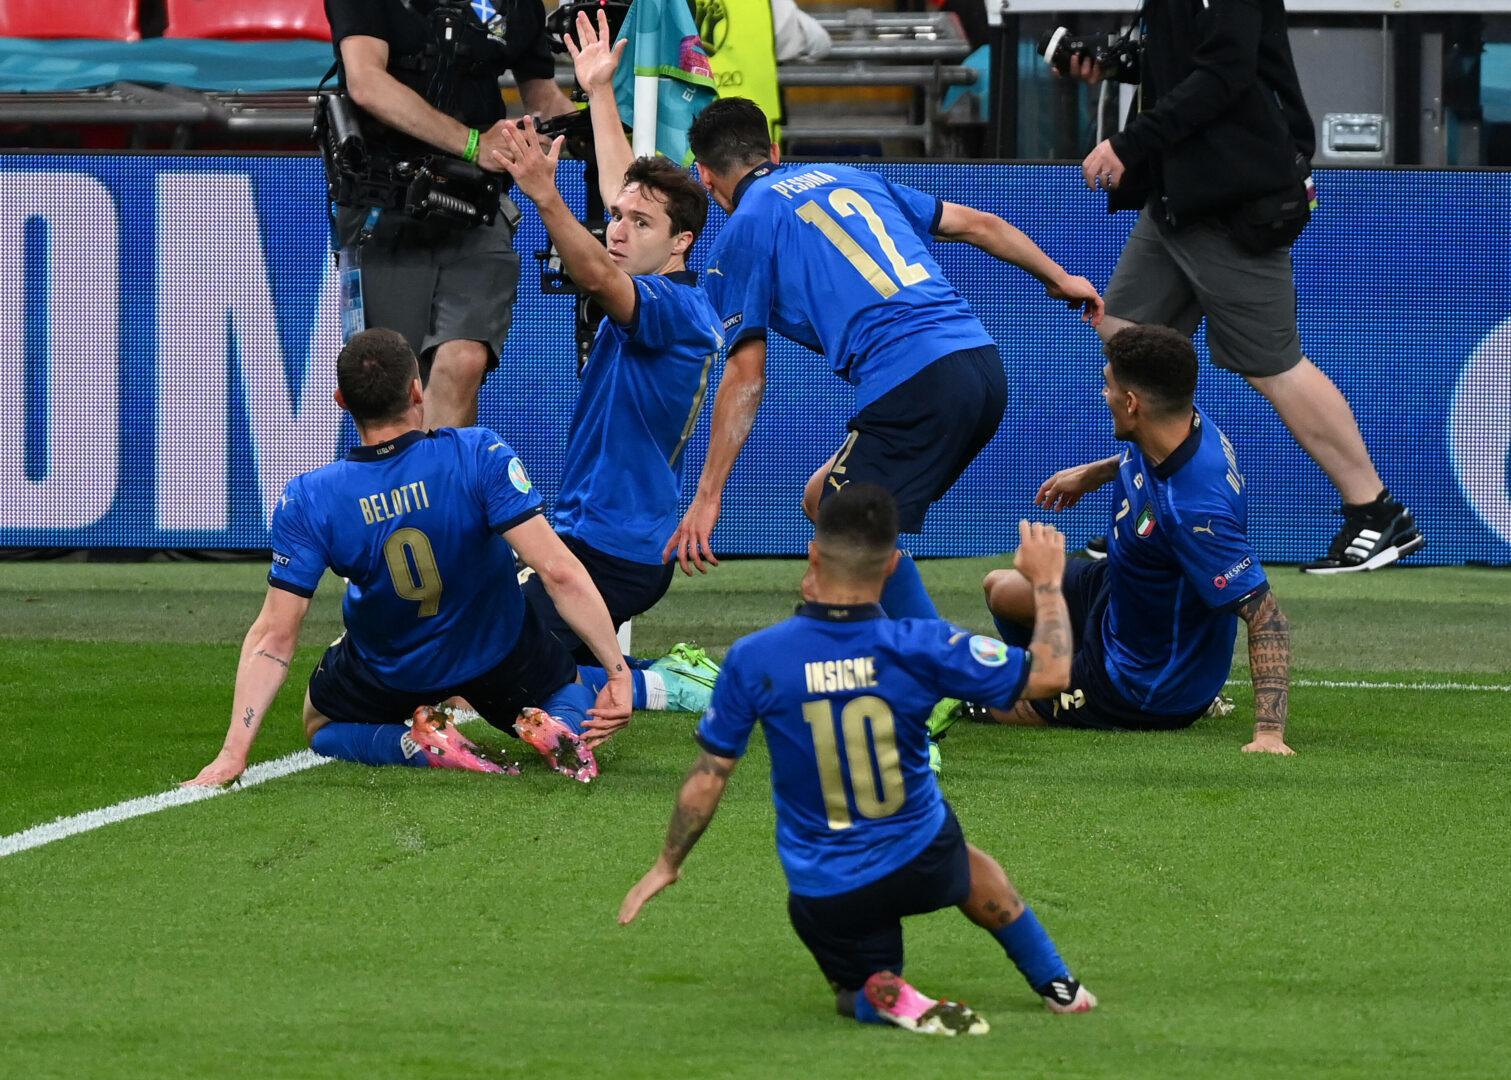 EM 2021 |Italien im Viertelfinale! Drama in der Verlängerung gegen Österreich